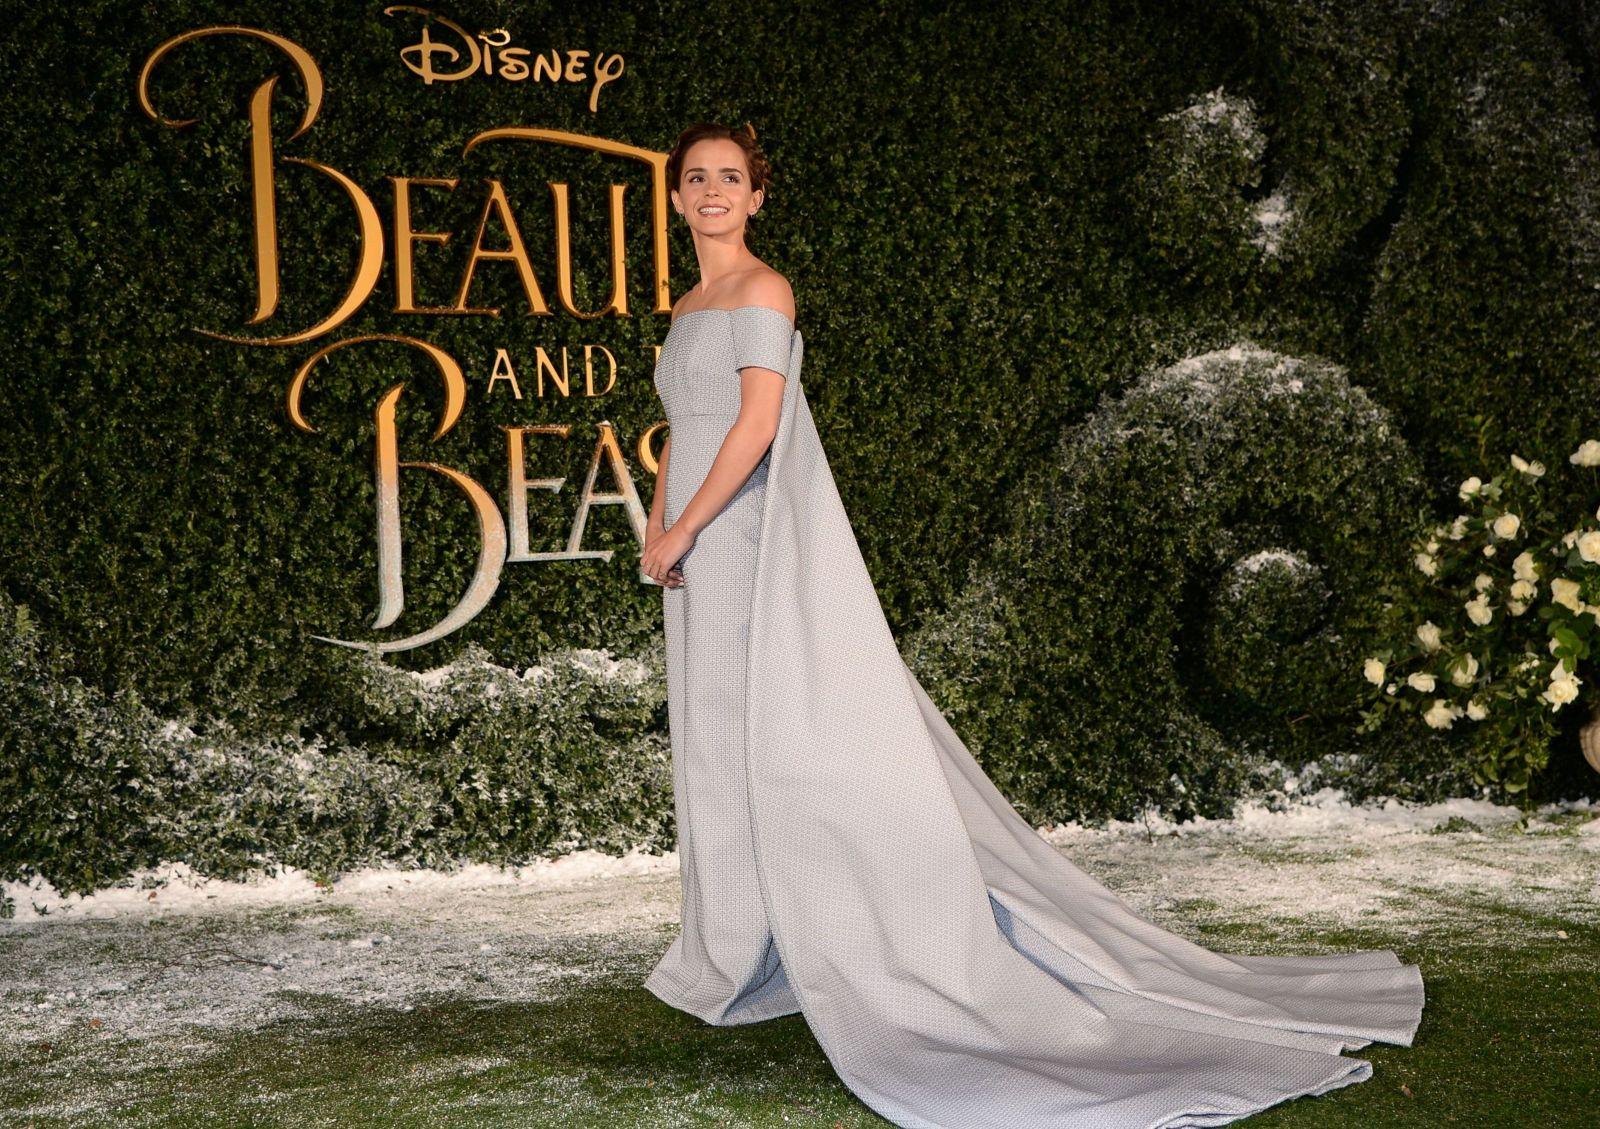 Эмма Уотсон покорила изысканным образом на премьере фильма Красавица и чудовище